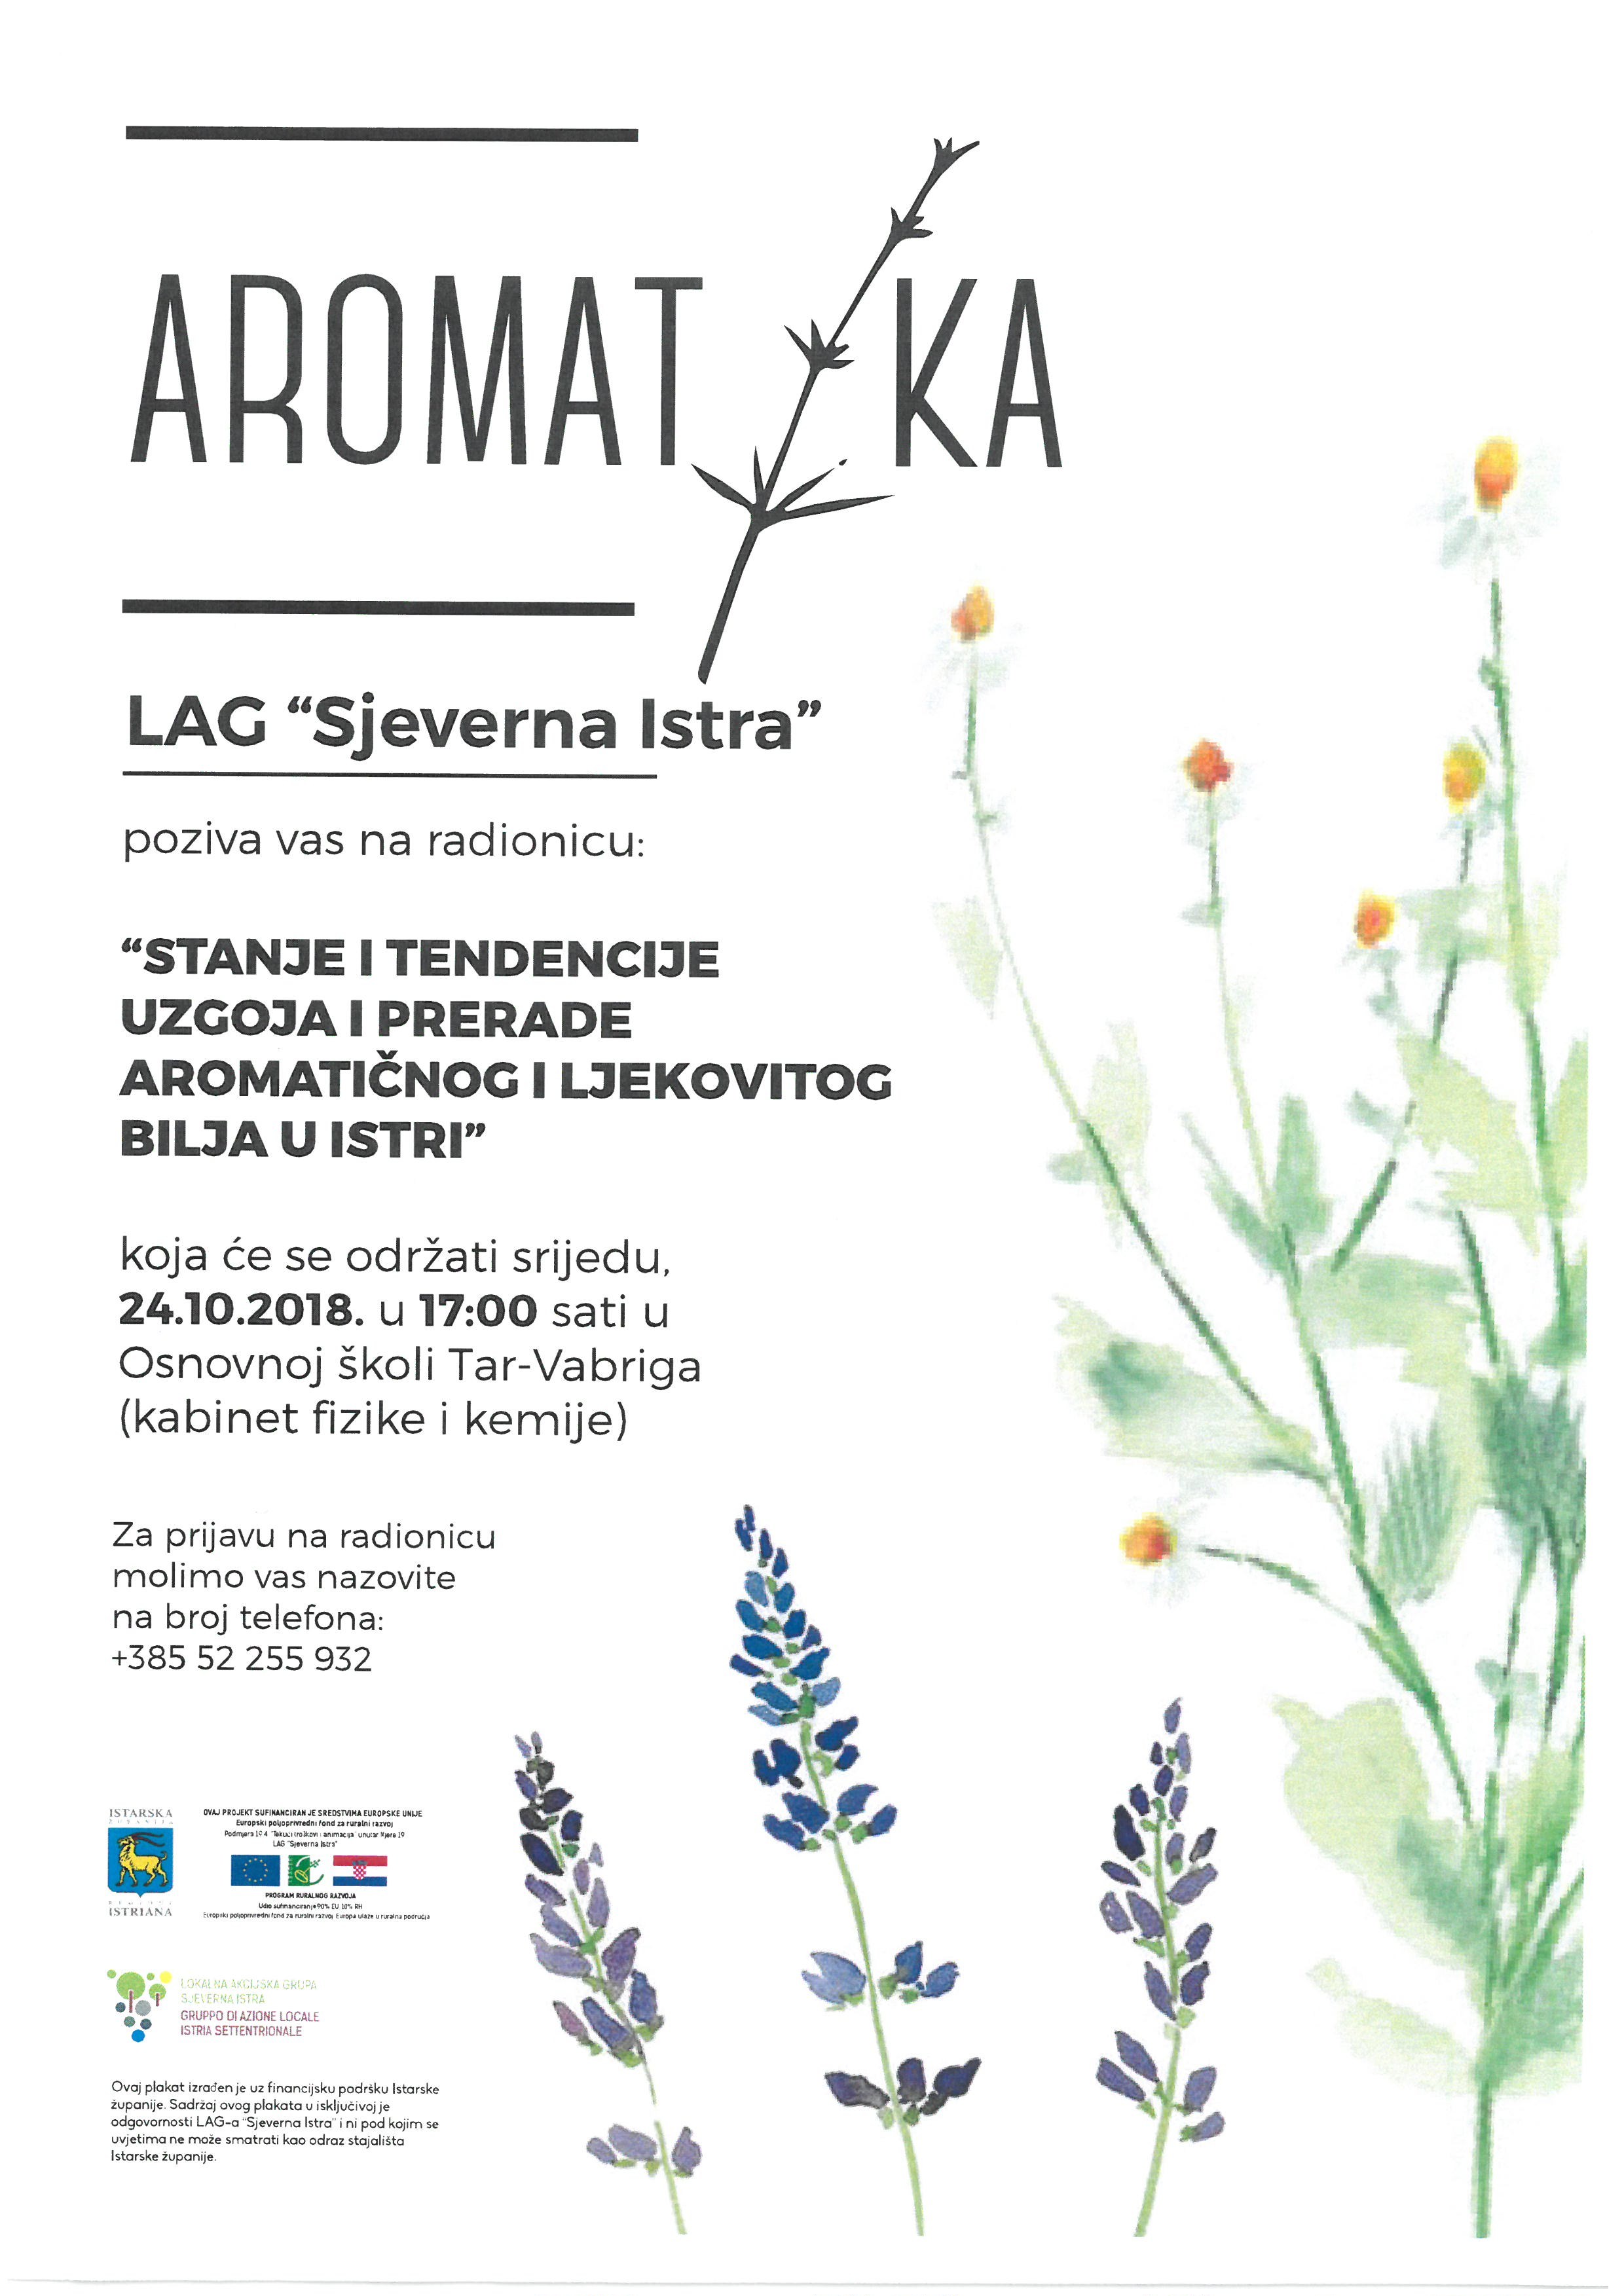 http://www.novigrad.hr/besplatna_radionica_stanje_i_tendencije_uzgoja_i_prerade_aromatichnog_i_lje